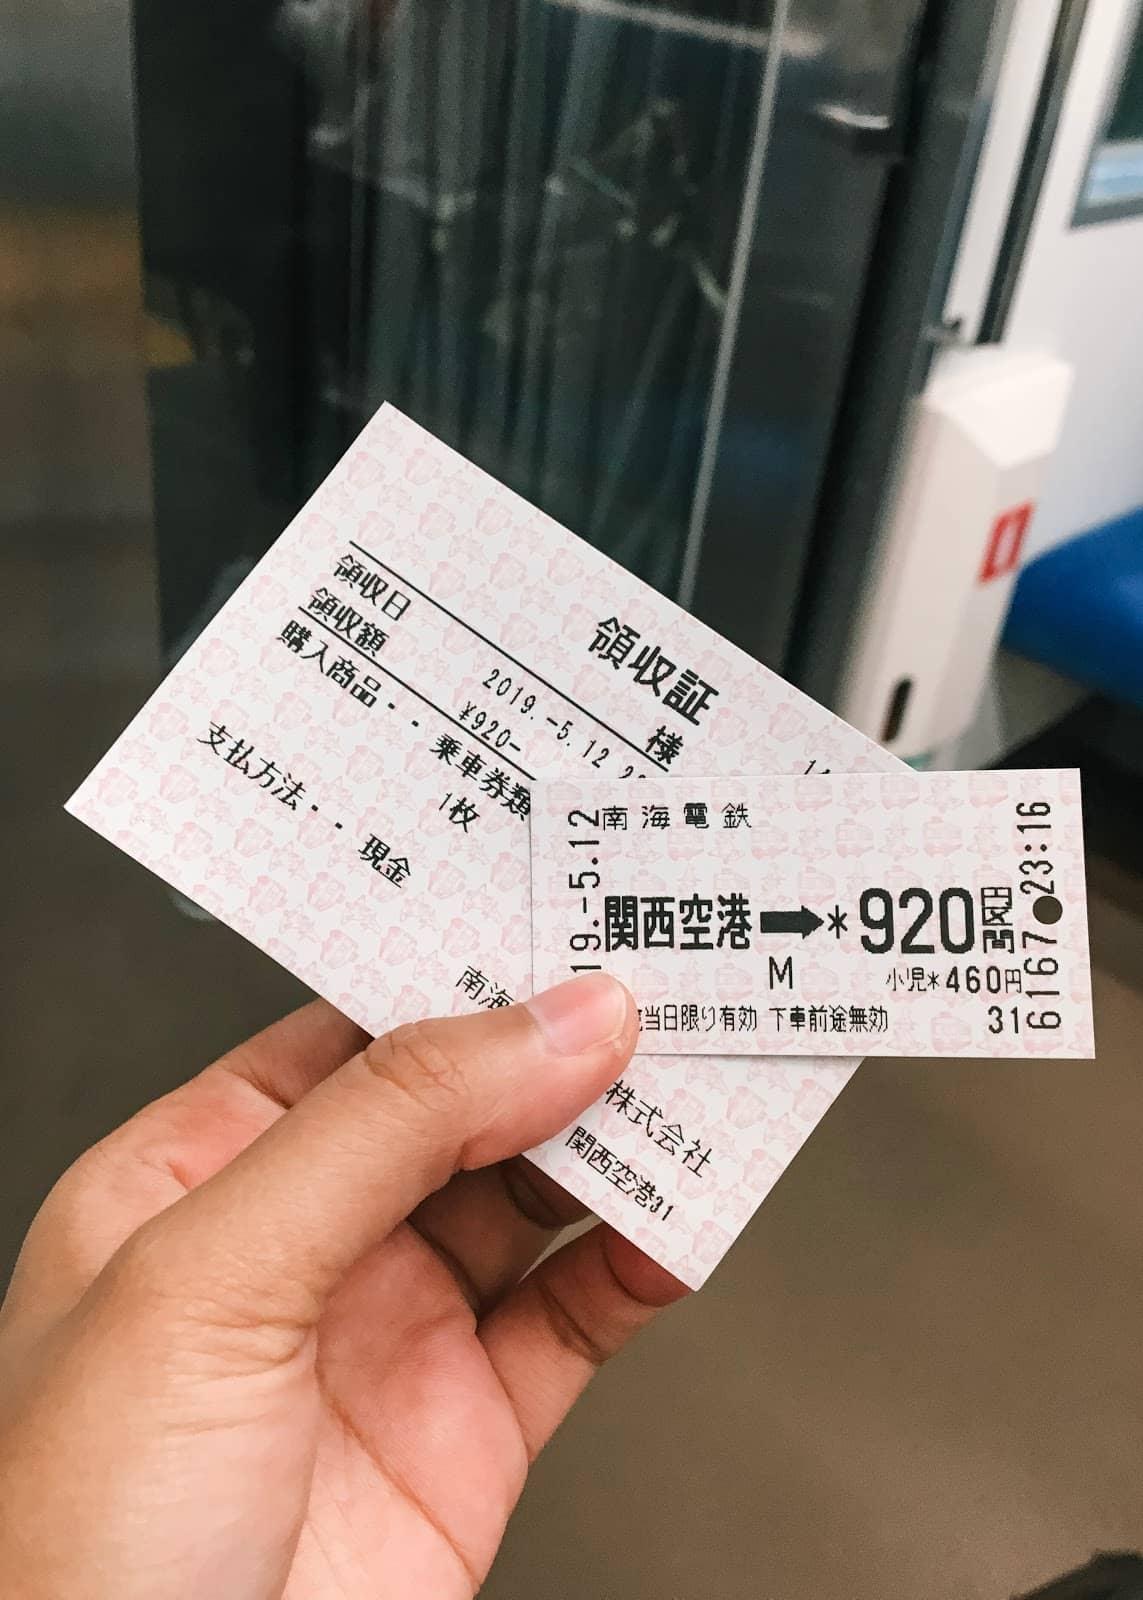 Kansai Airport Train Fee